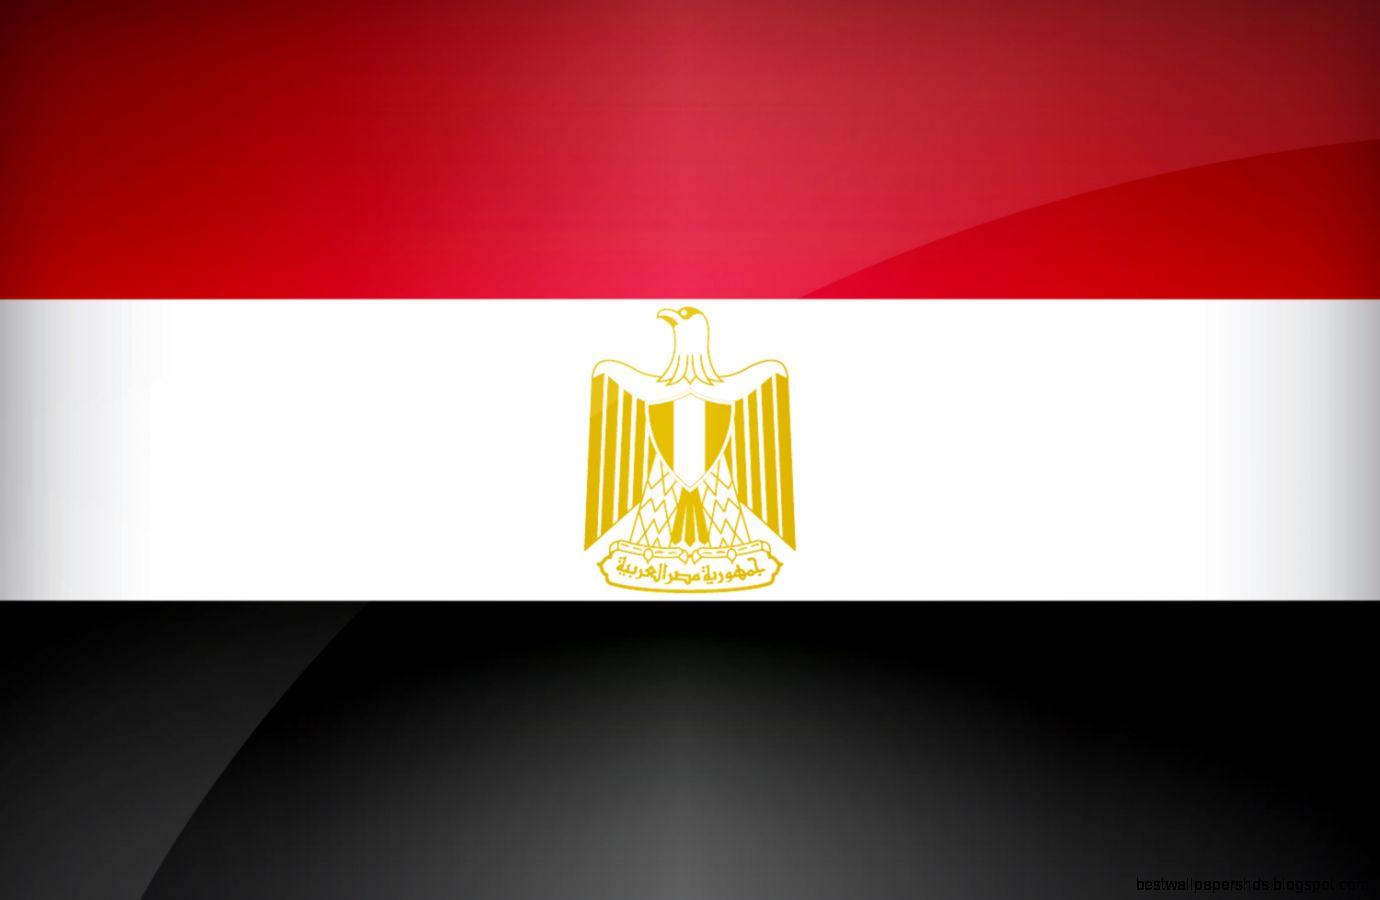 بالصور صور لعلم مصر , تصاميم جميله لعلم مصر 1743 6